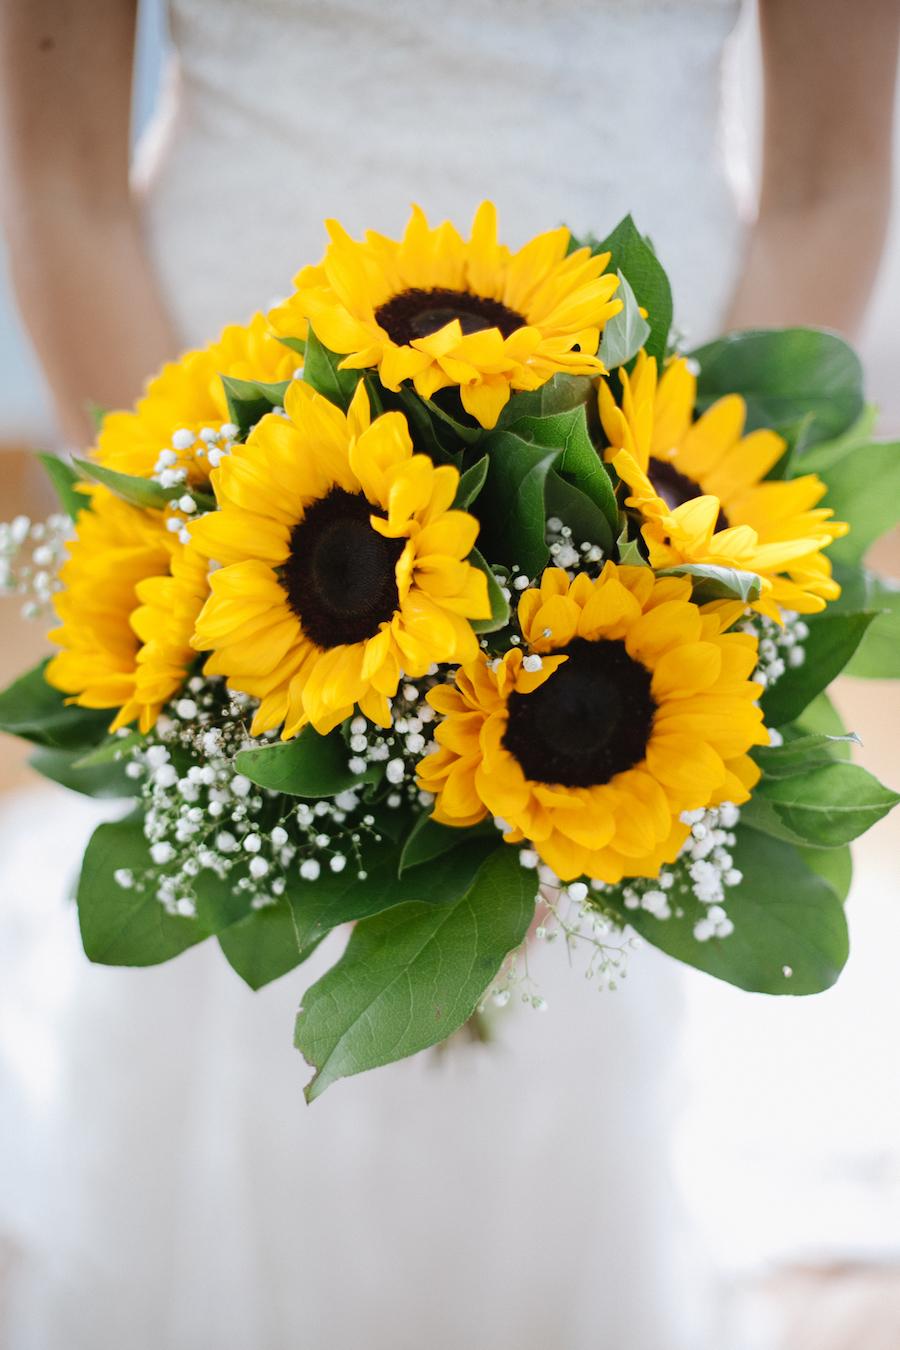 matrimonio-giallo-girasole-the-sweet-side-04